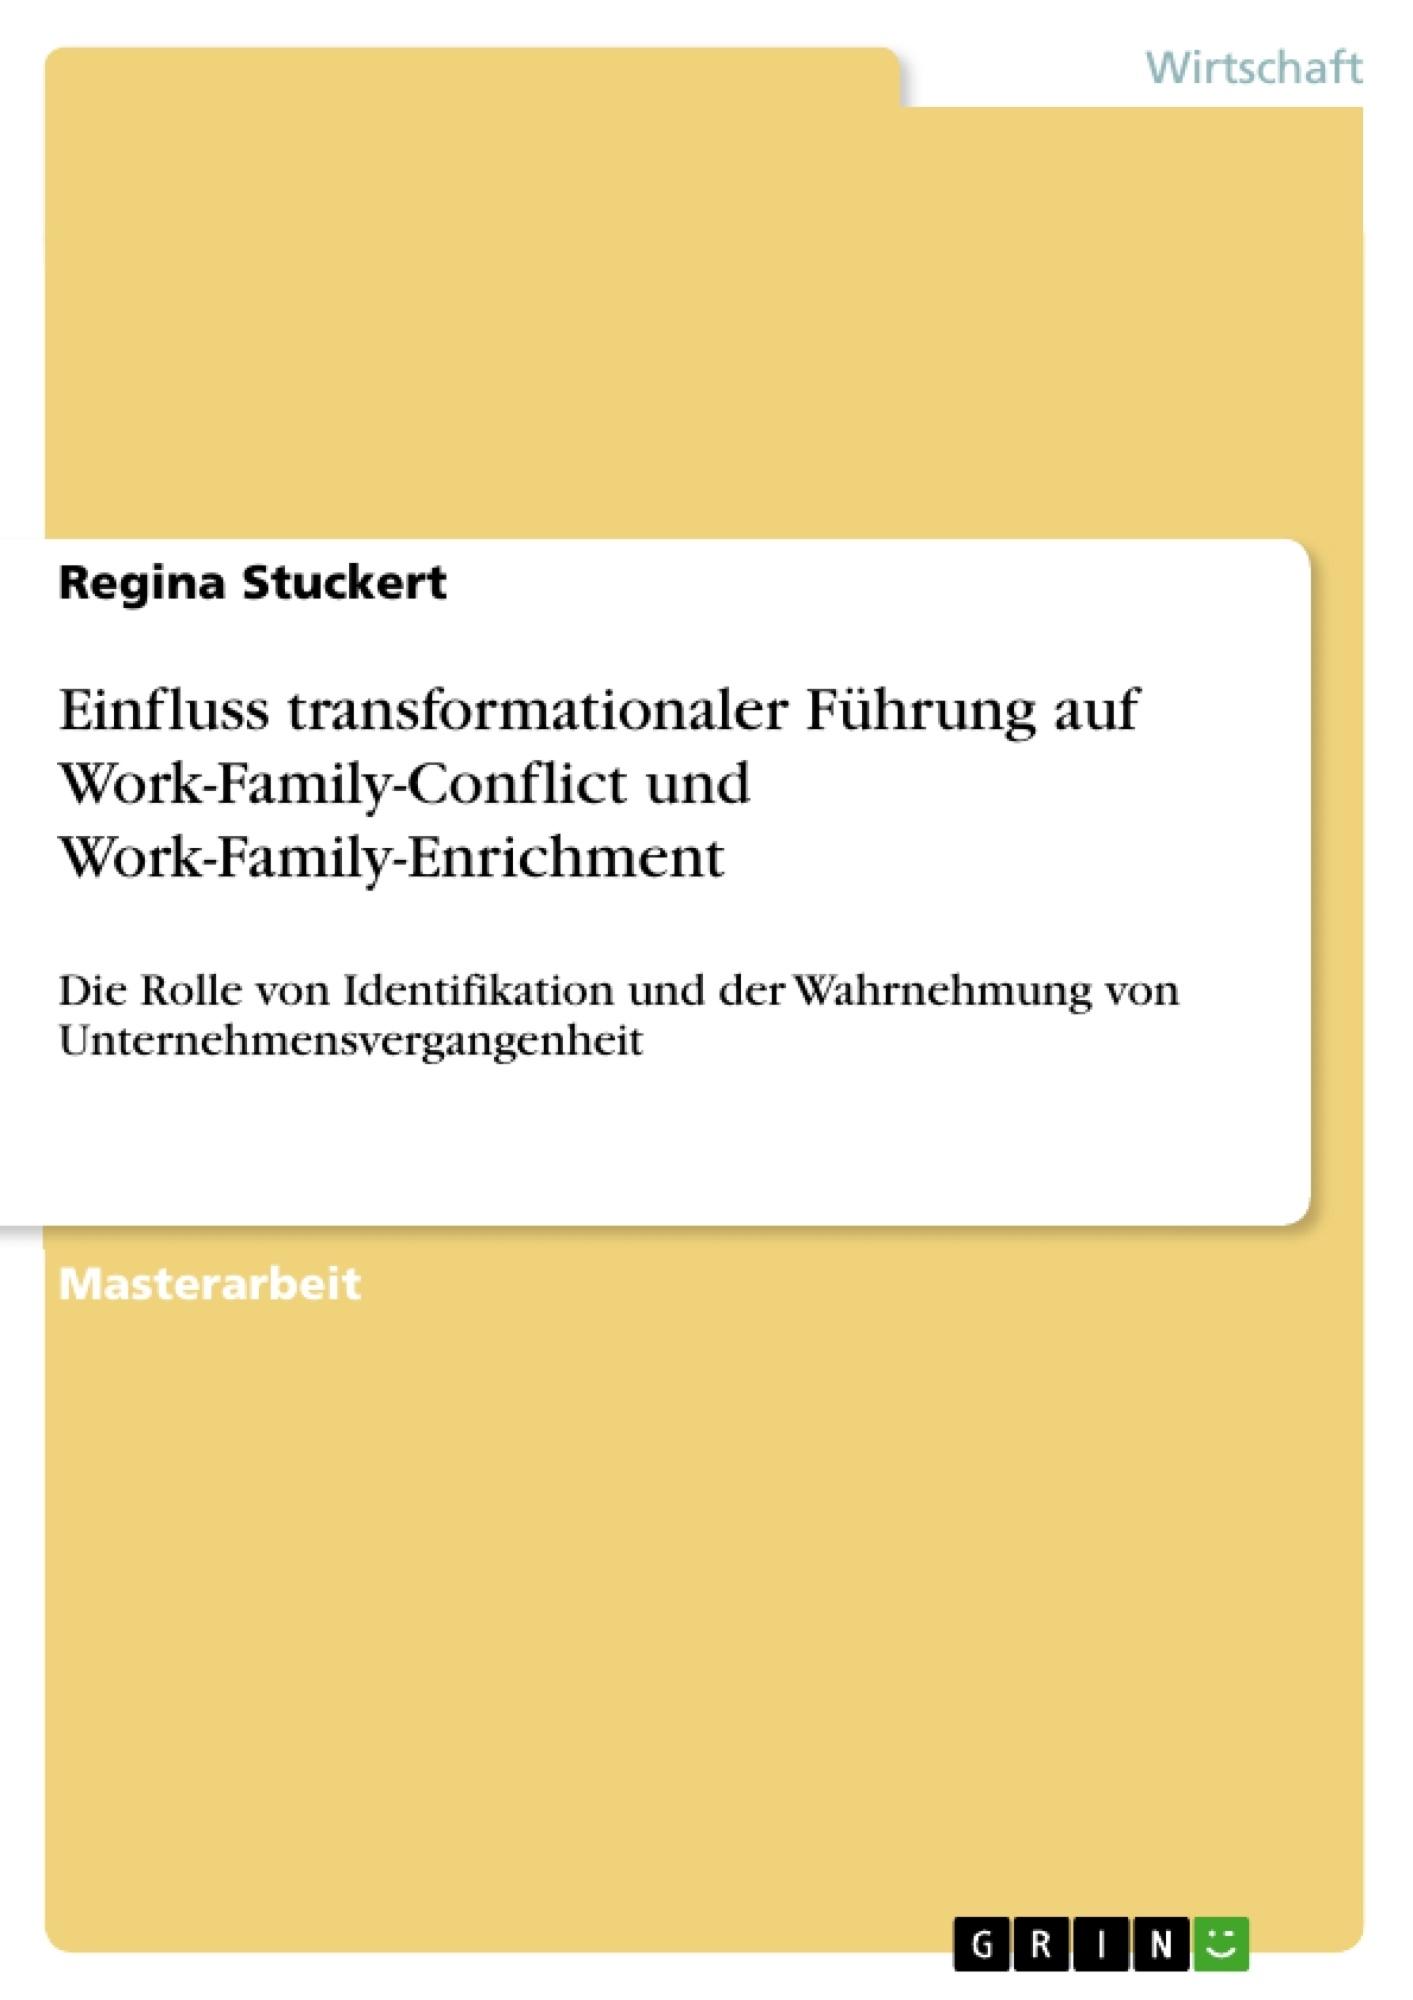 Titel: Einfluss transformationaler Führung auf Work-Family-Conflict und Work-Family-Enrichment